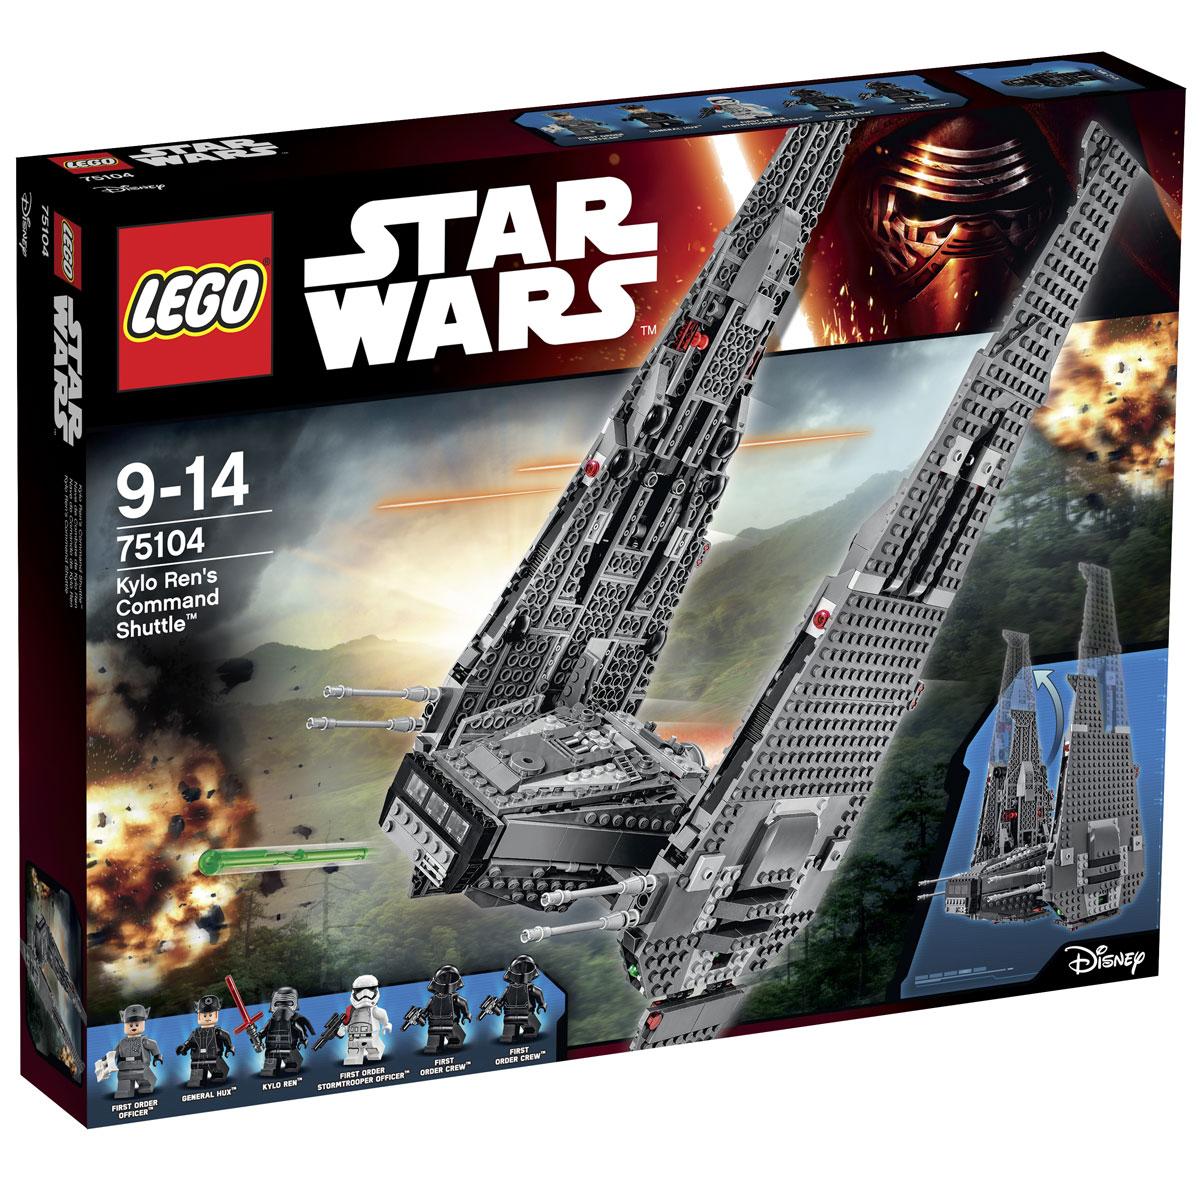 LEGO Star Wars Конструктор Командный шаттл Кайло Рена 75104 lego игрушка звездные войны командный шаттл кайло рена